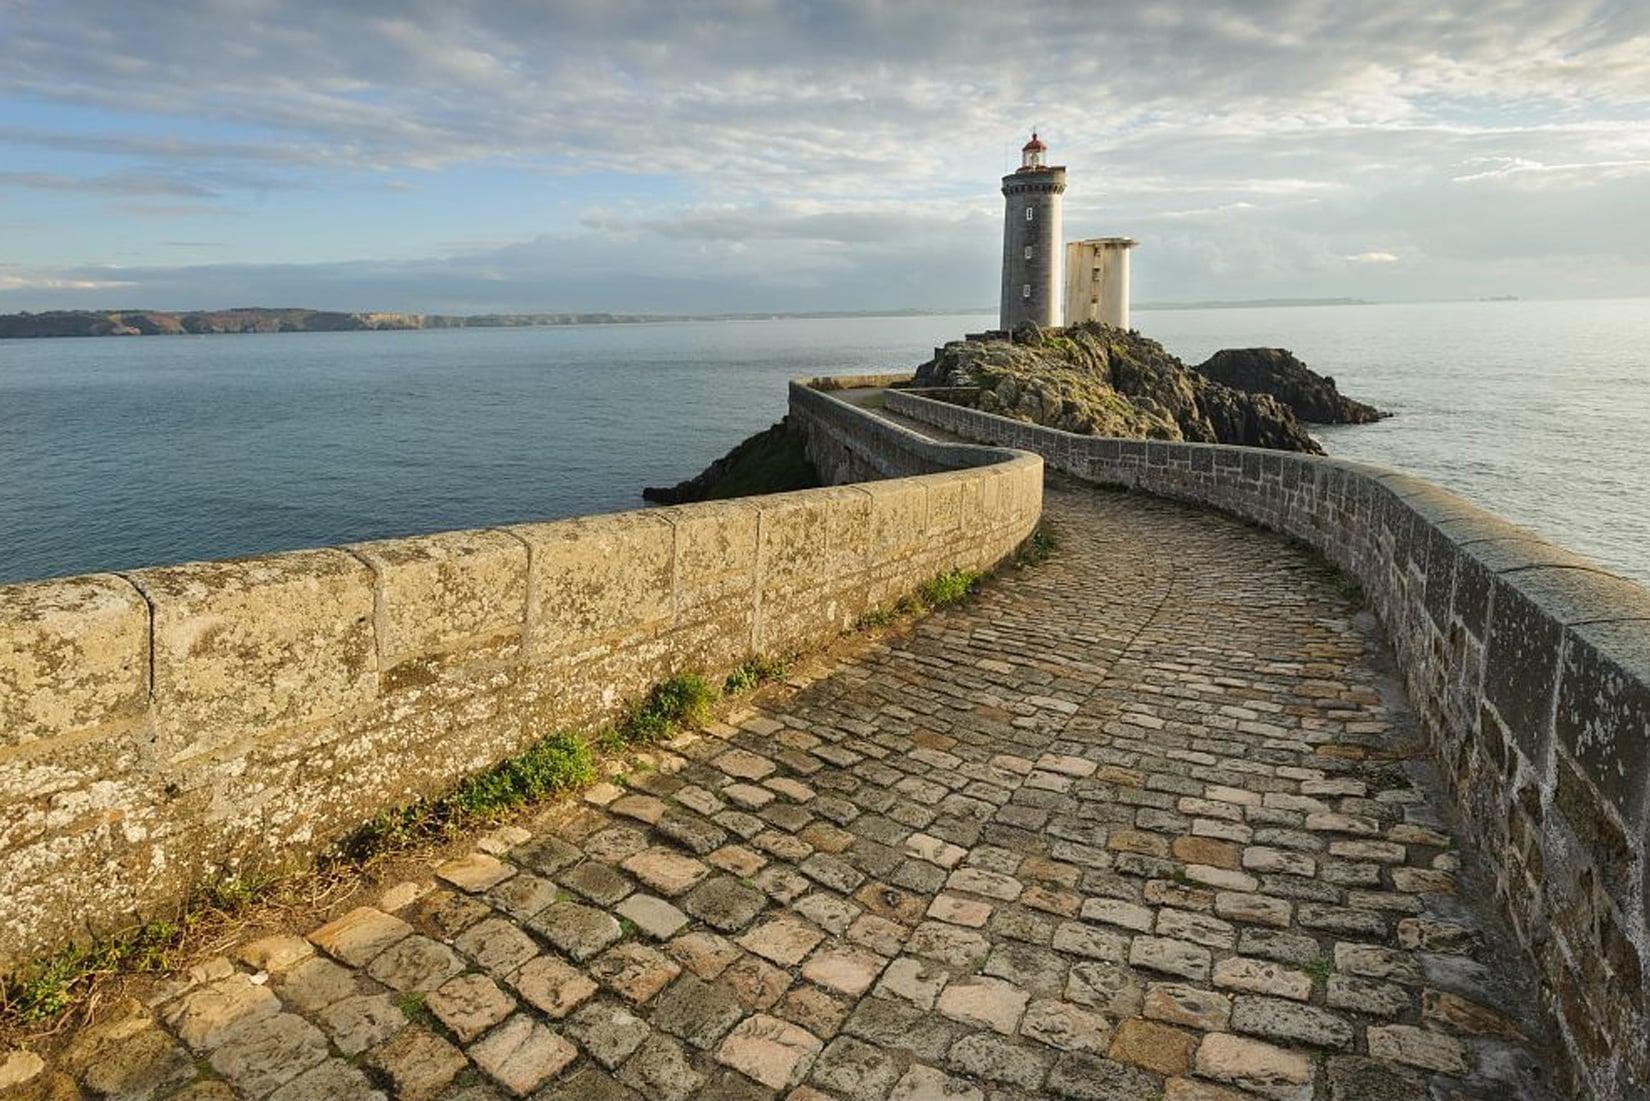 Le phare de la pointe du Petit Minou et la rade de Brest © BERTHIER Emmanuel - CRTB